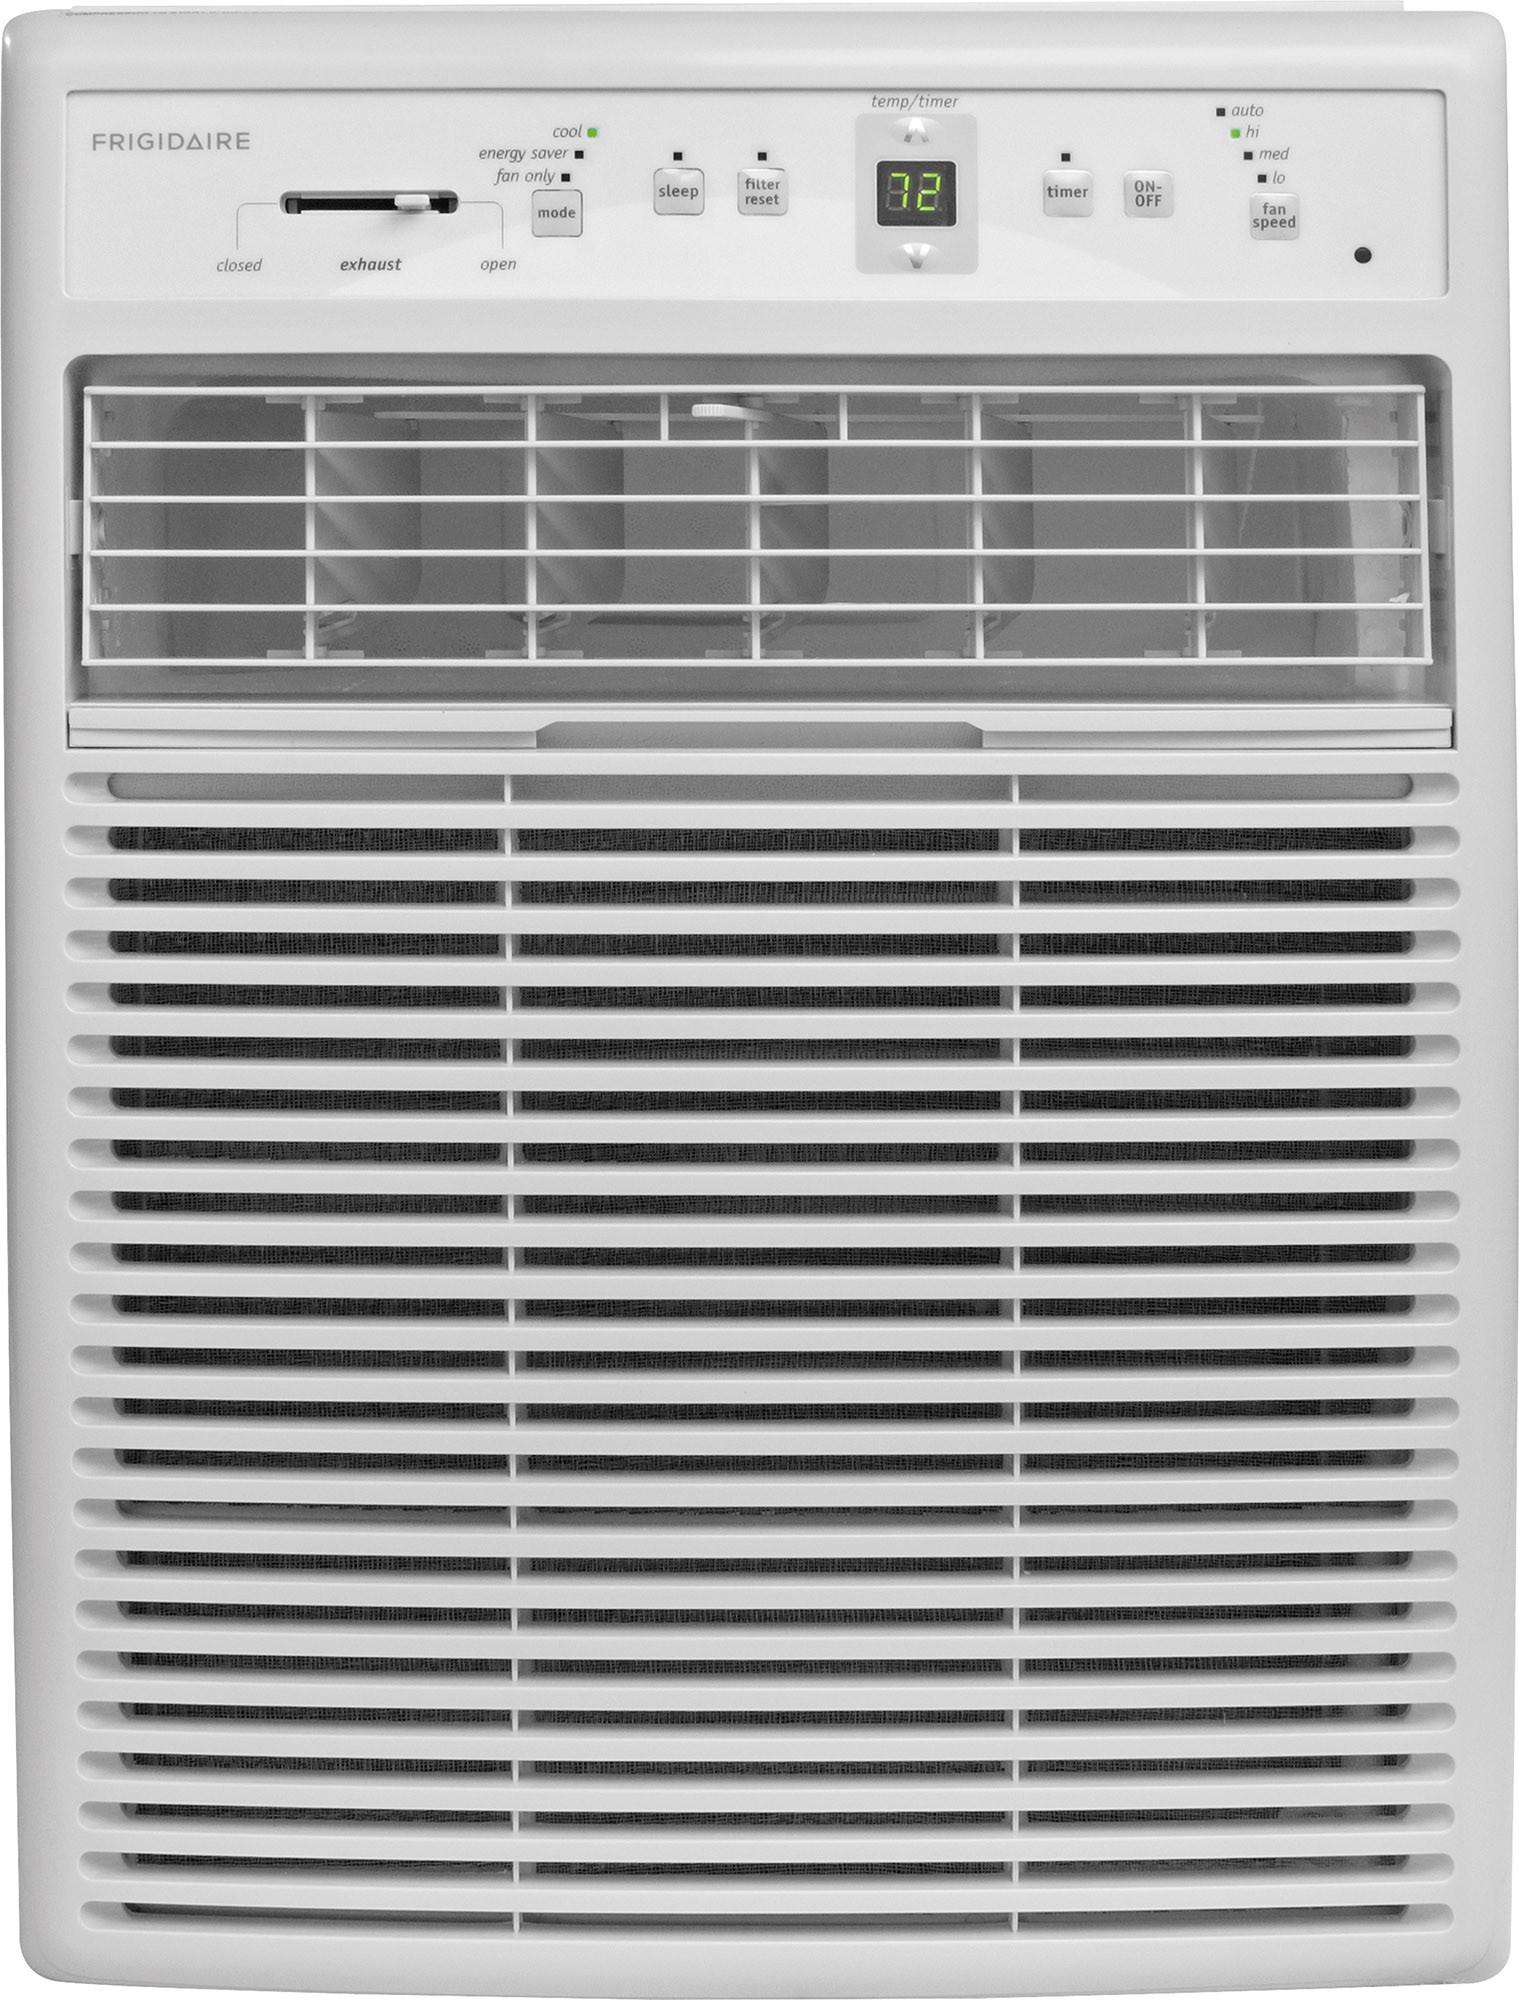 Frigidaire 8,000 BTU Window Air Conditioner FFRS0822S1